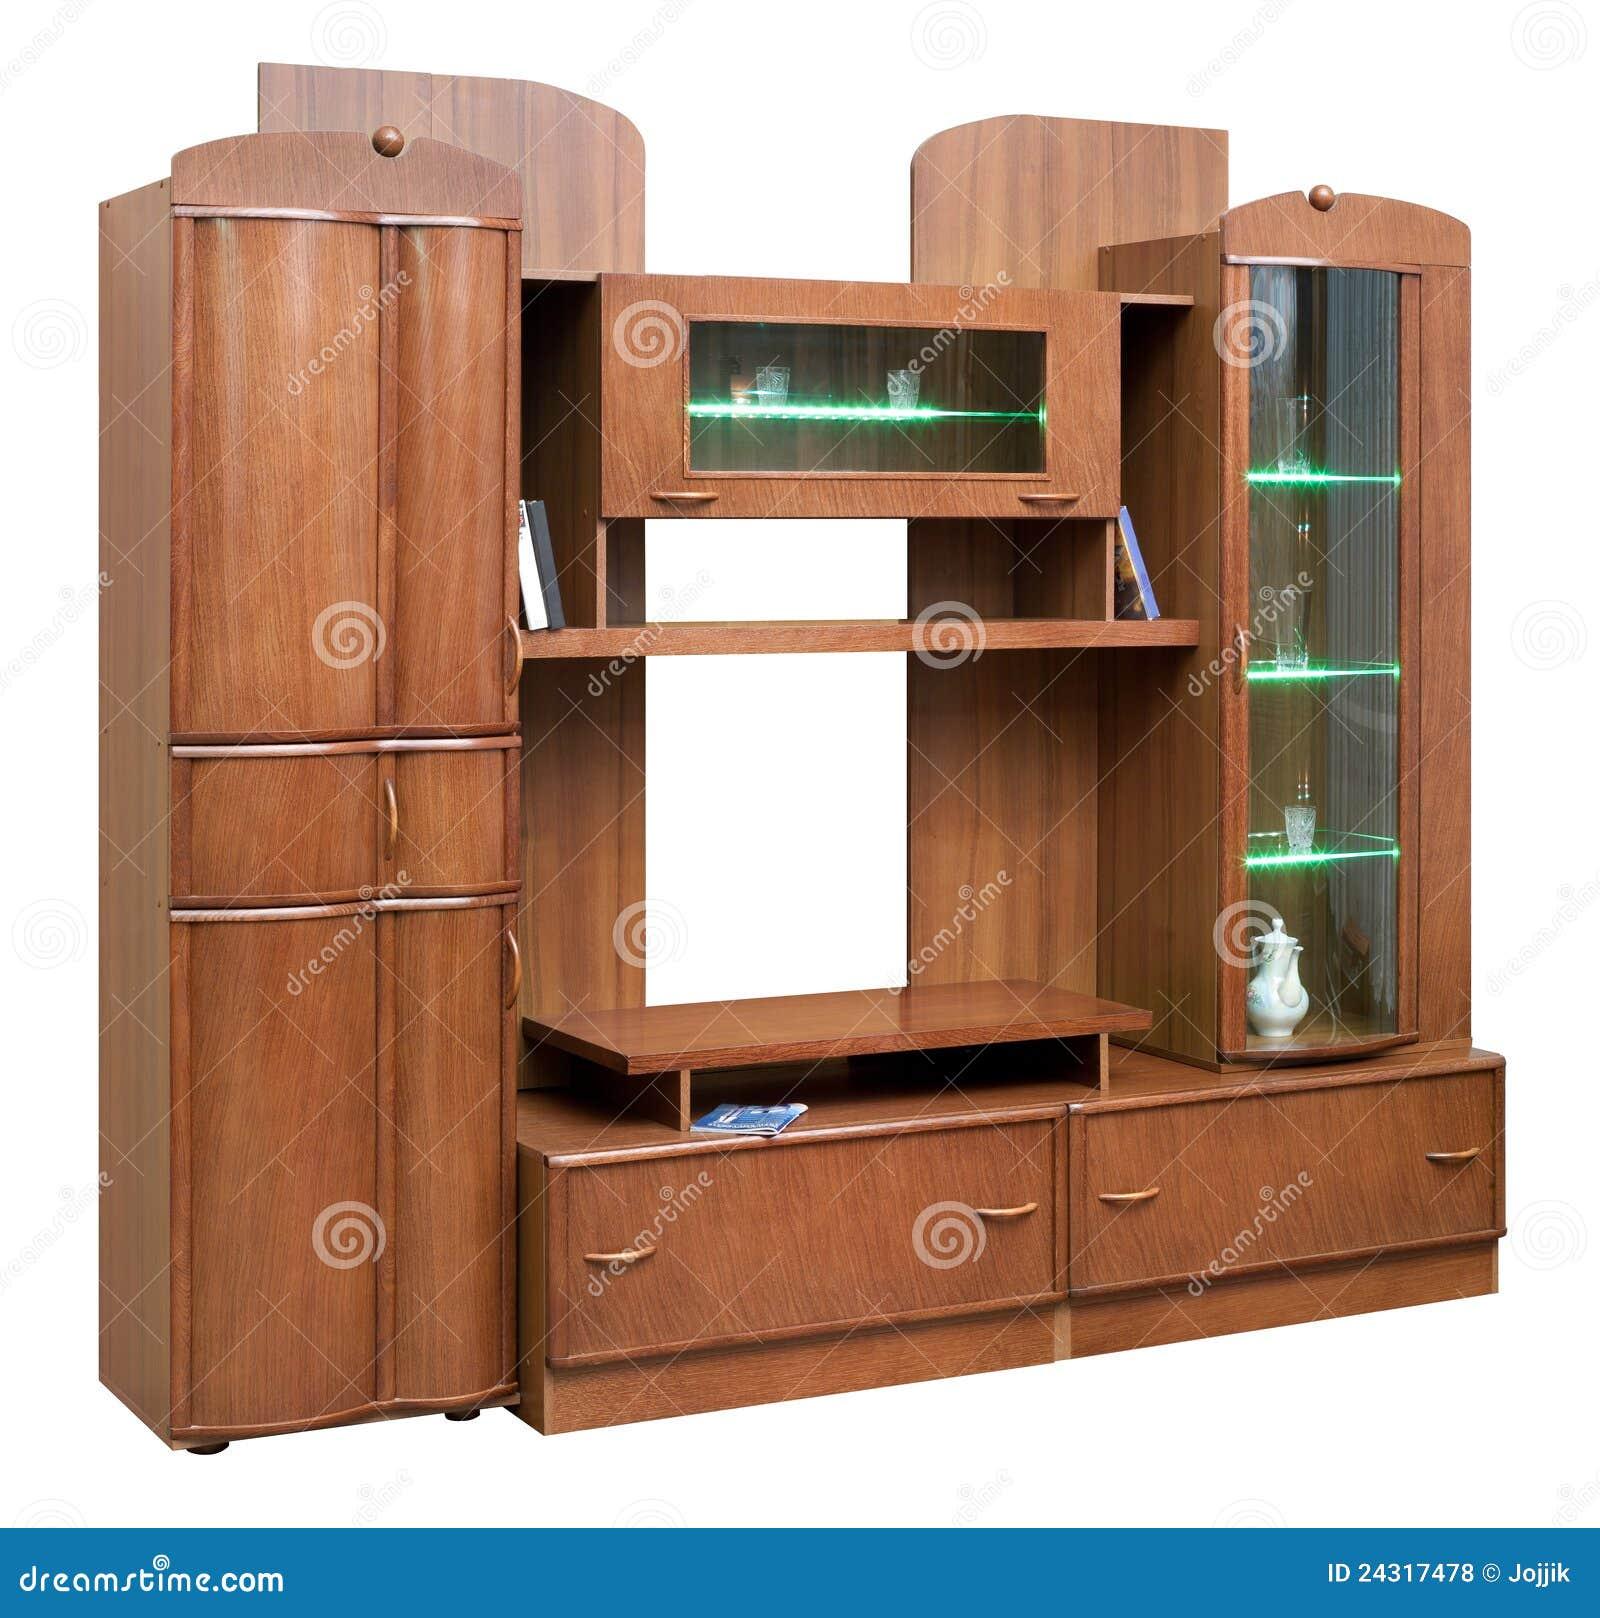 Wooden Cupboard With Glass Doors Stock PhotoImage 24323910